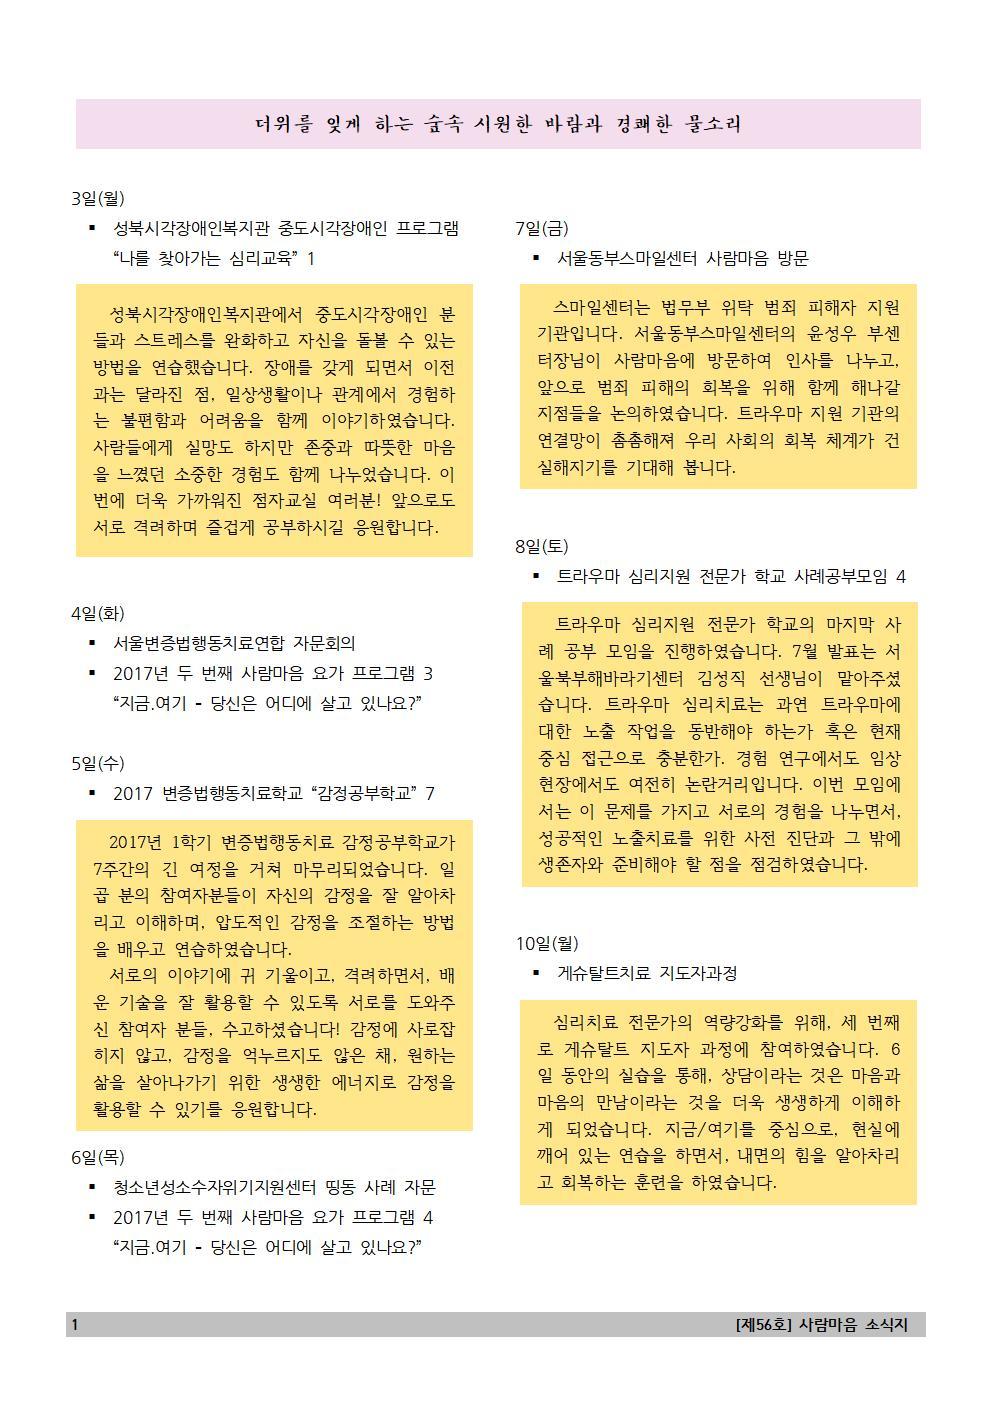 201708_56th_news letter(2).jpg